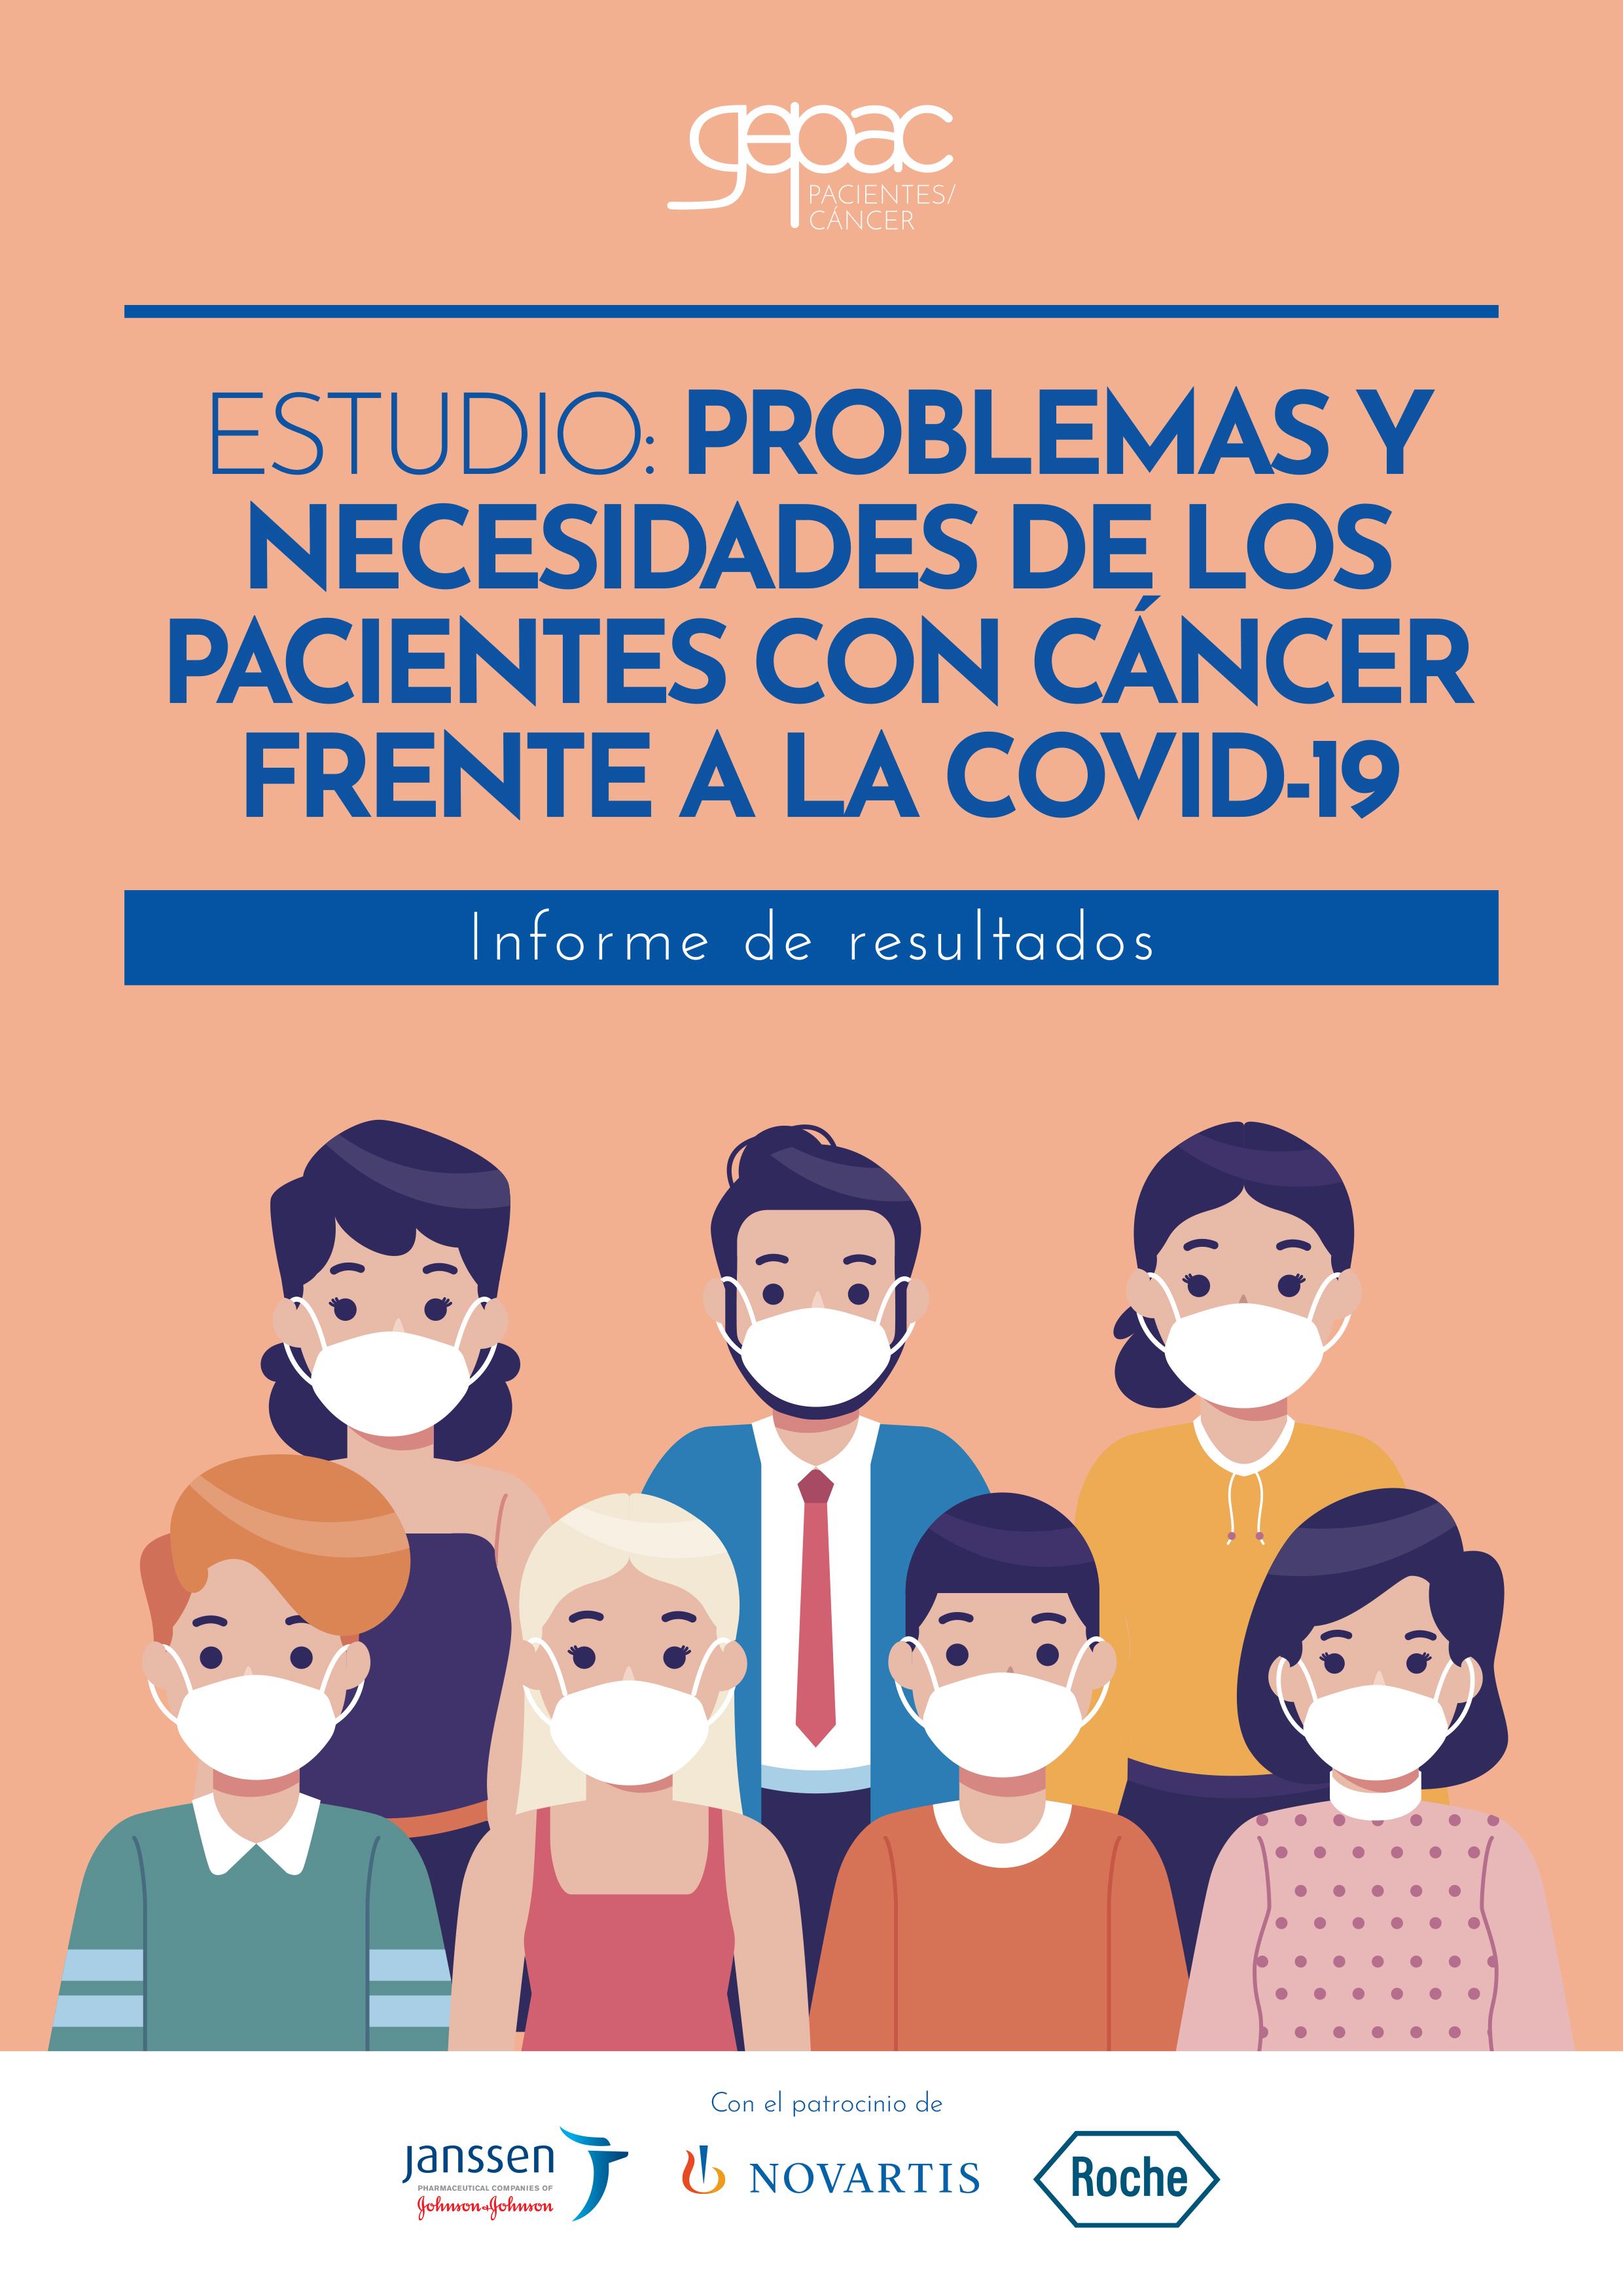 Problemas y necesidades de los pacientes con cáncer frente a la COVID-19